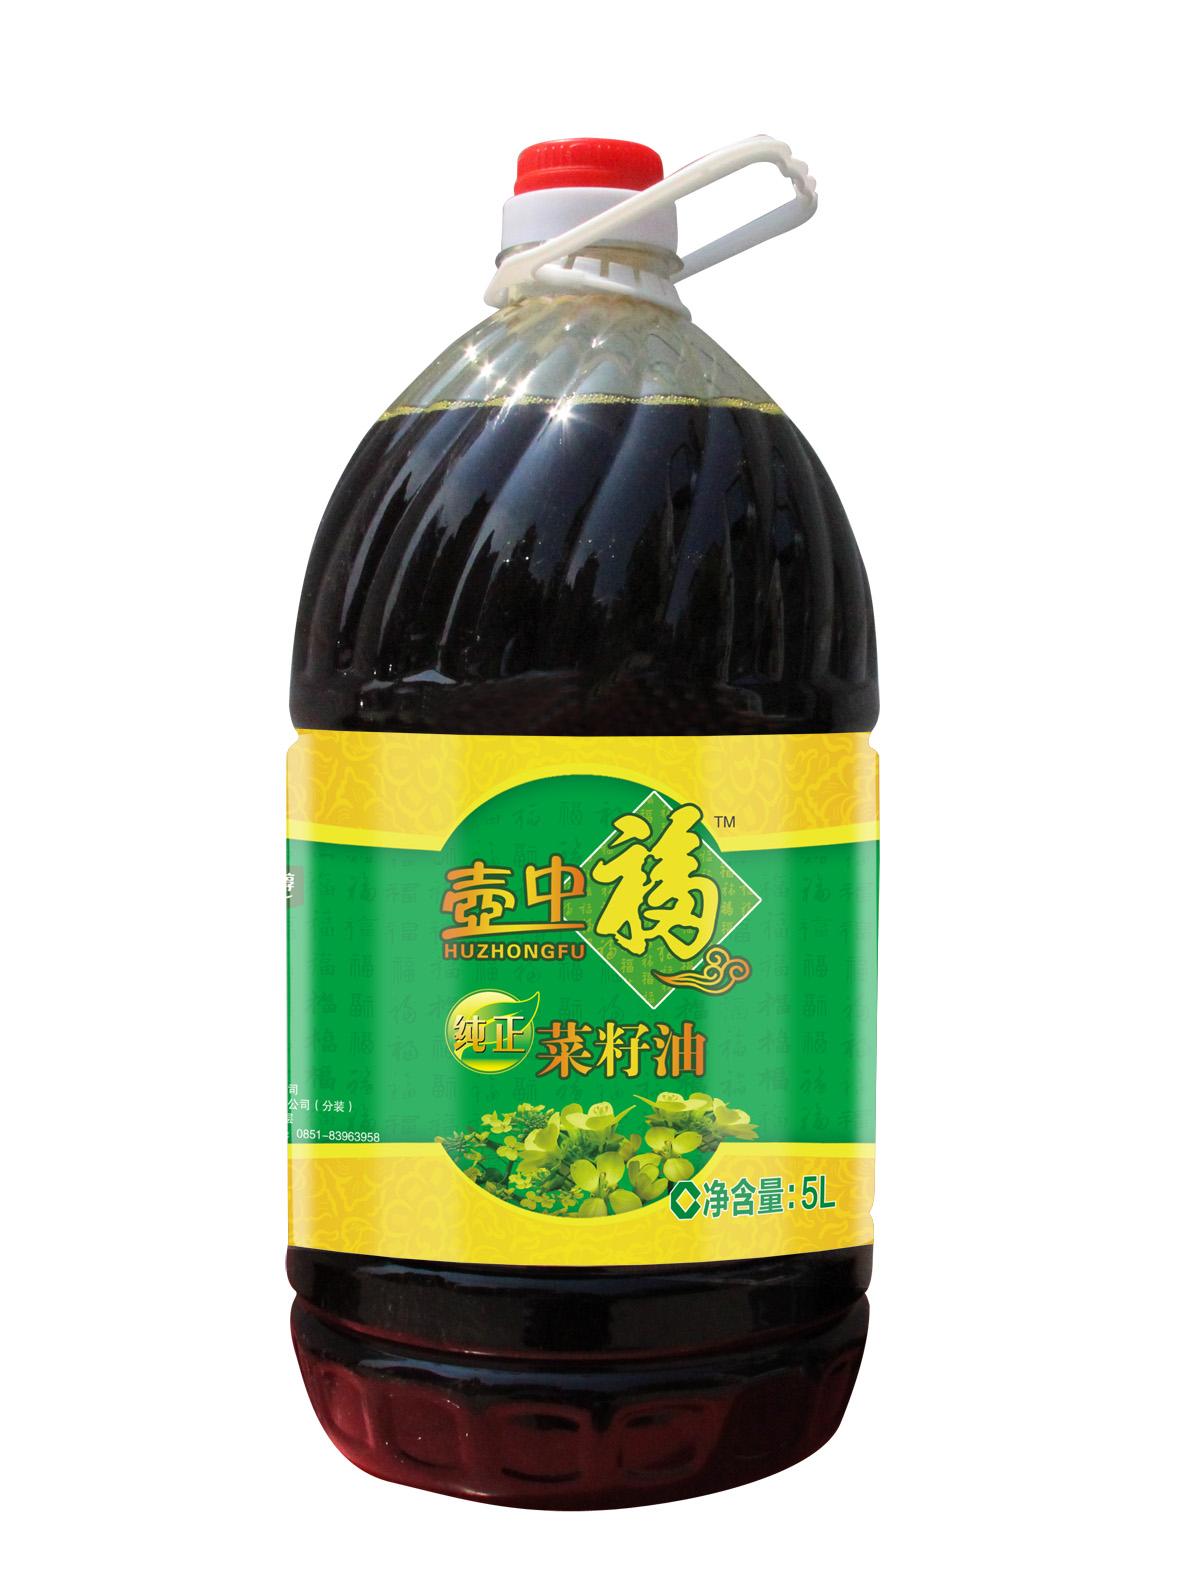 壶中福纯正菜籽油